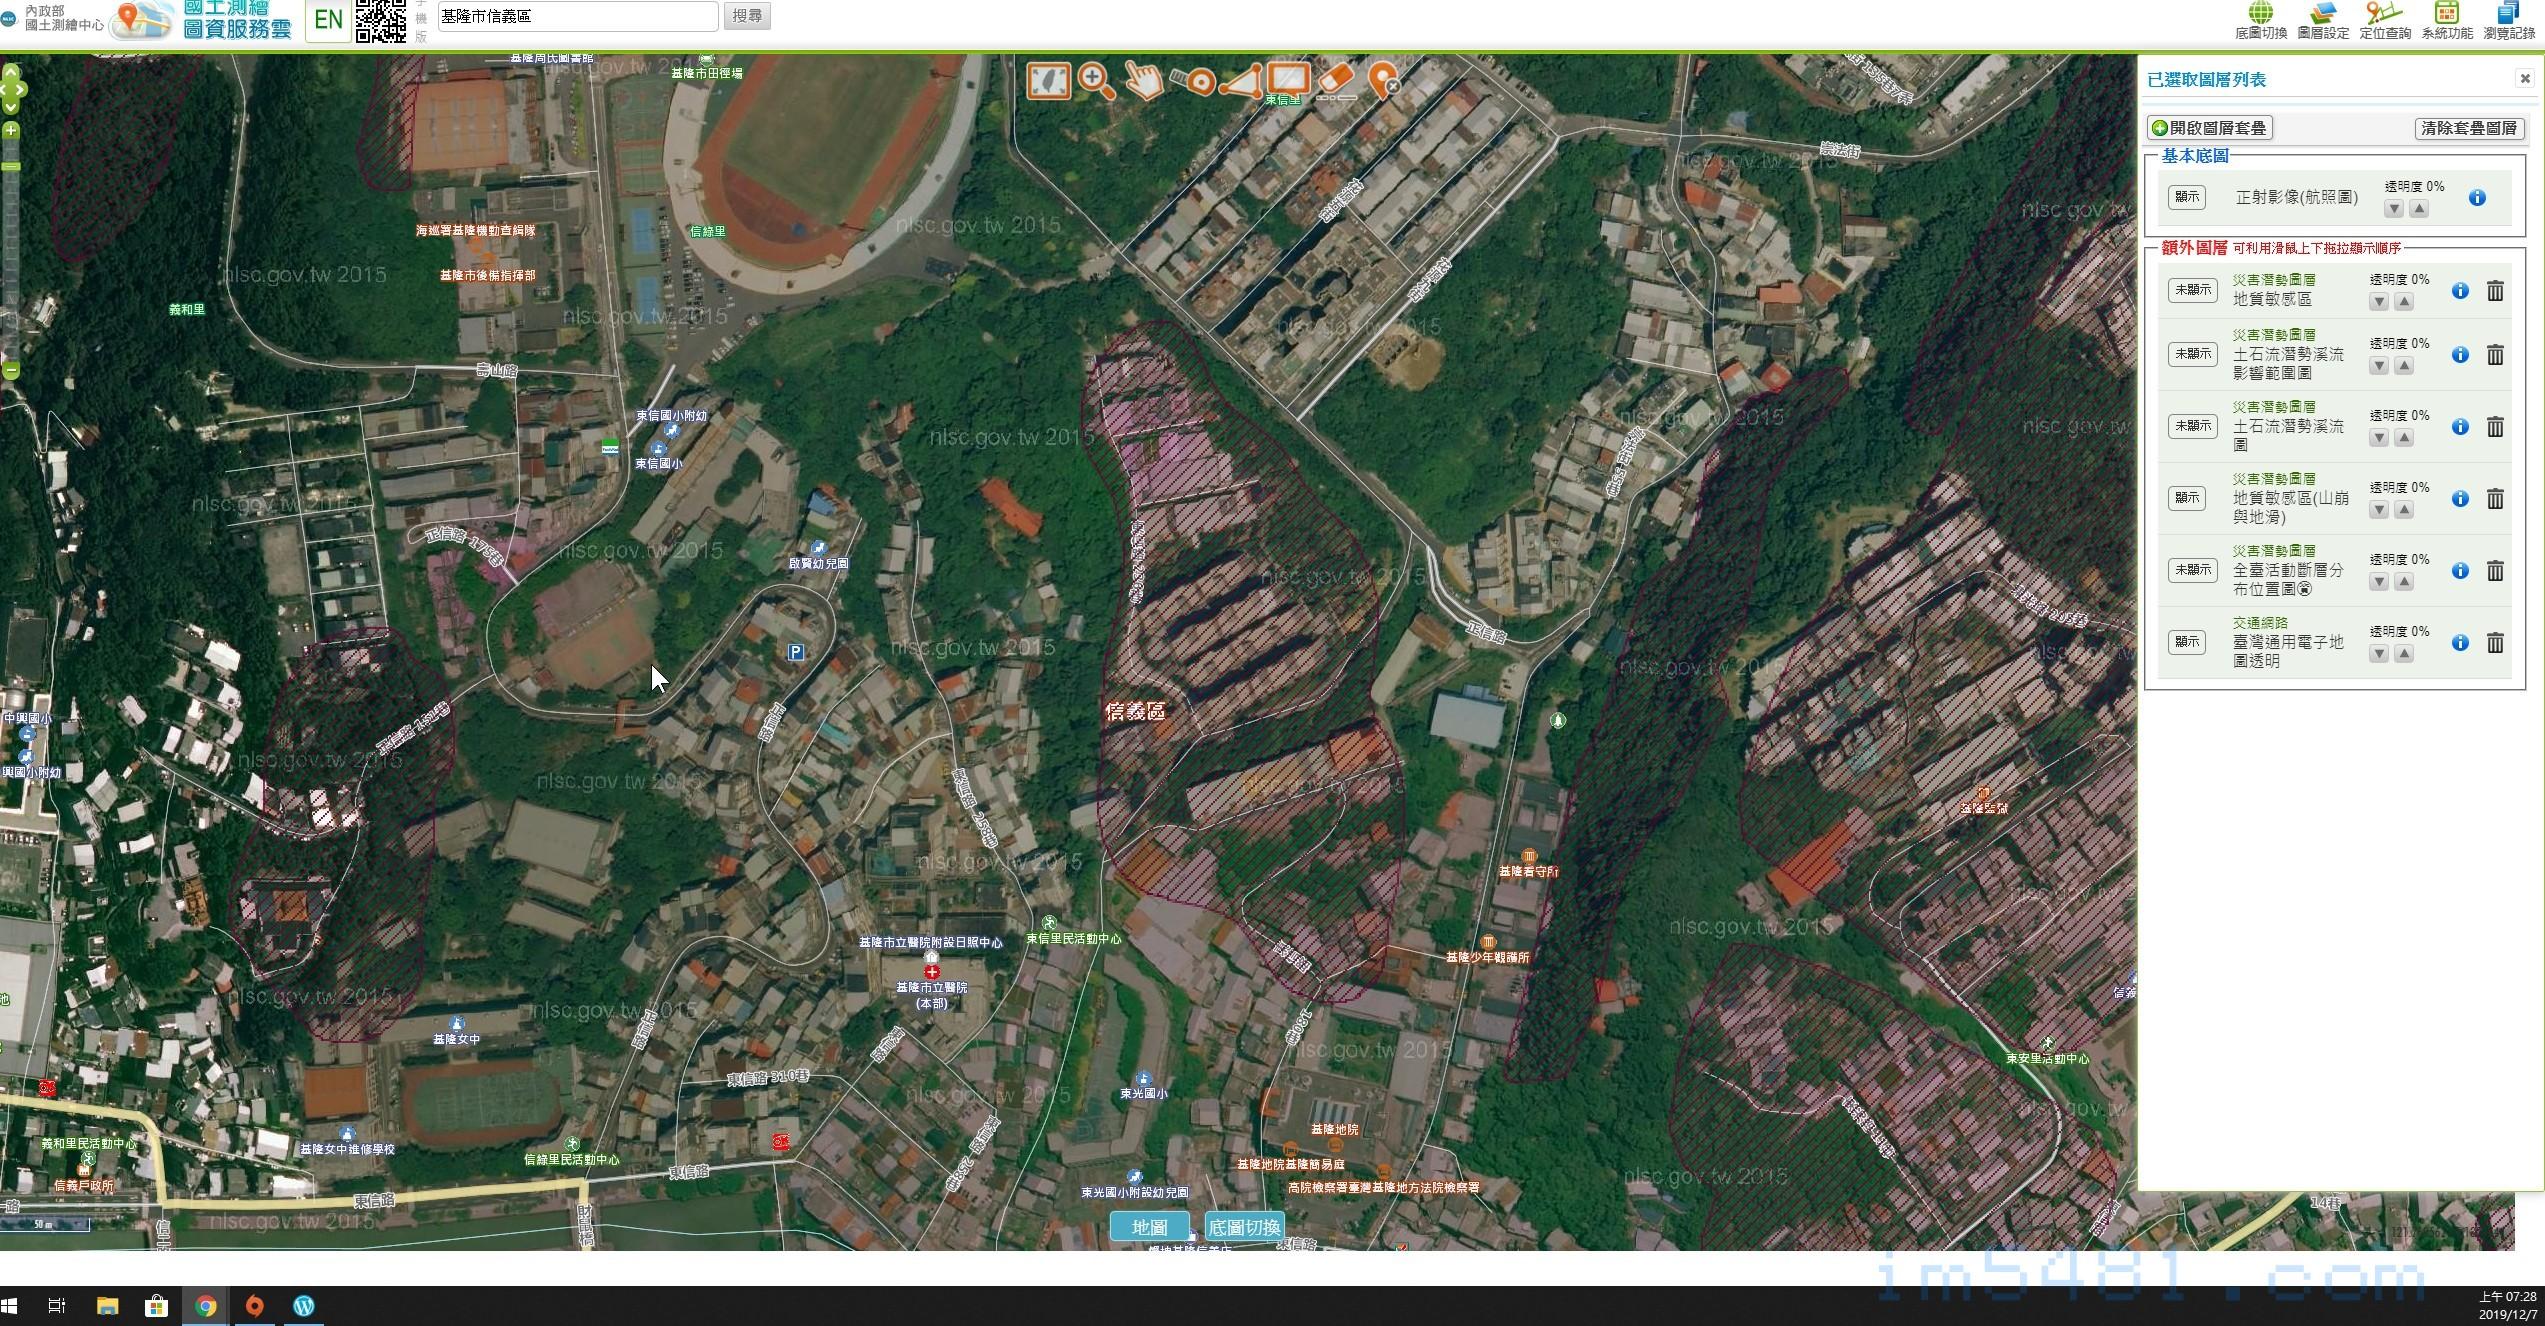 實際圖片跟地質敏感區的比較